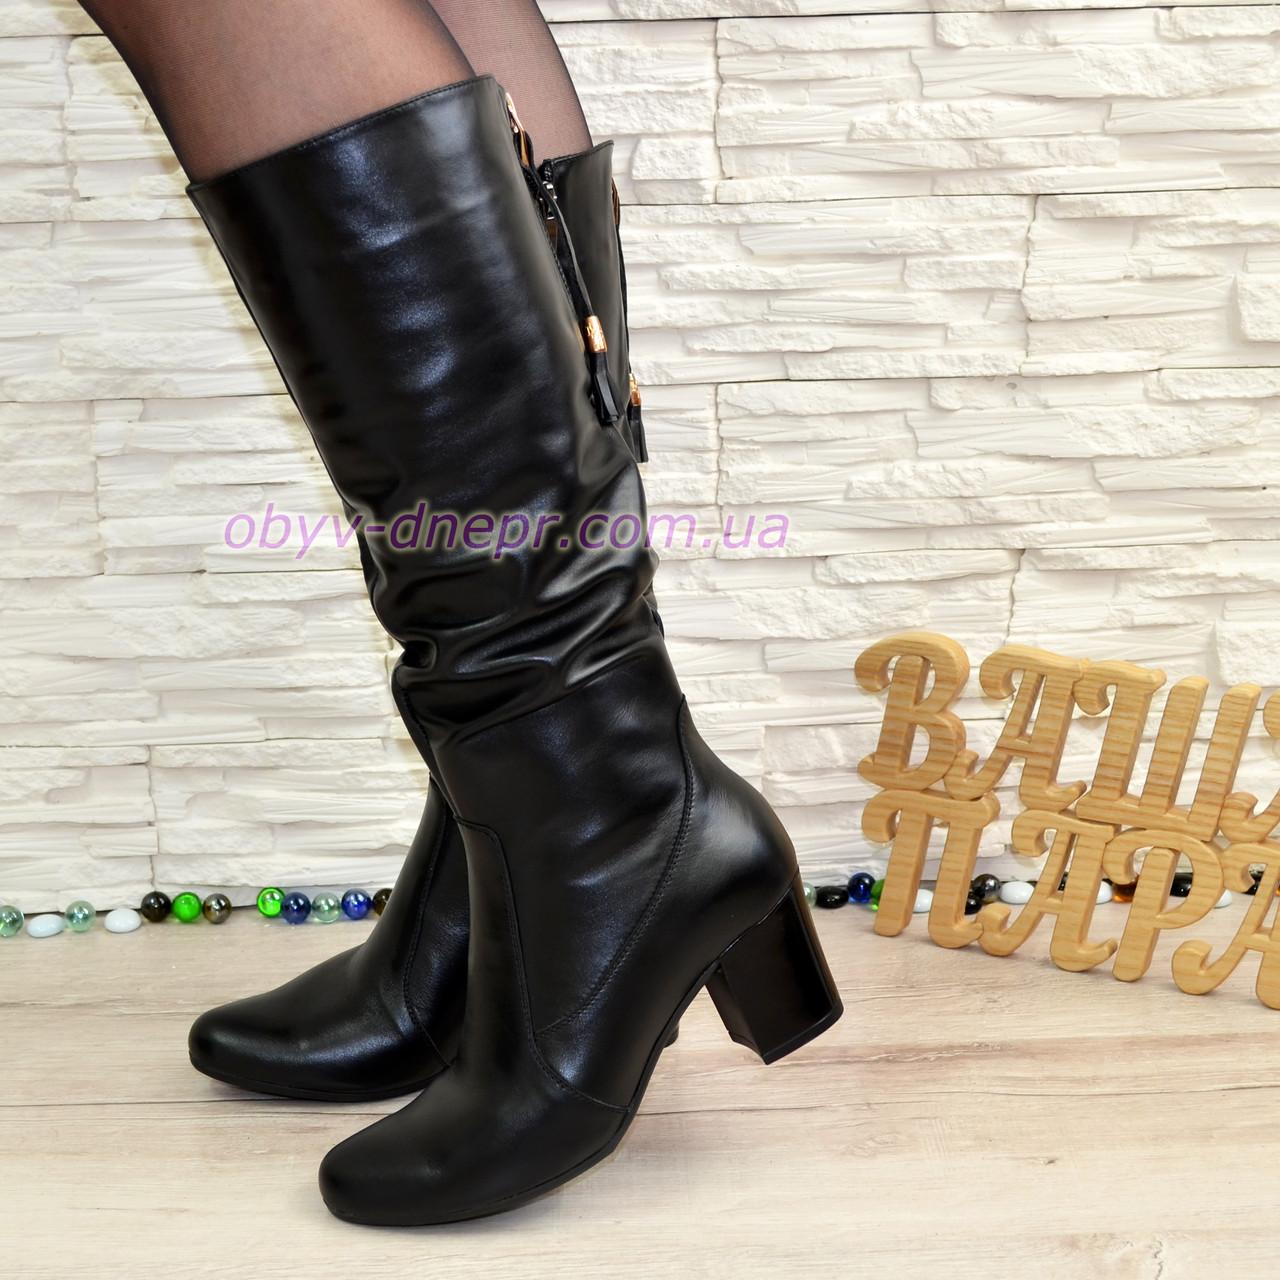 Женские зимние черные кожаные сапоги на устойчивом каблуке - Интернет- магазин